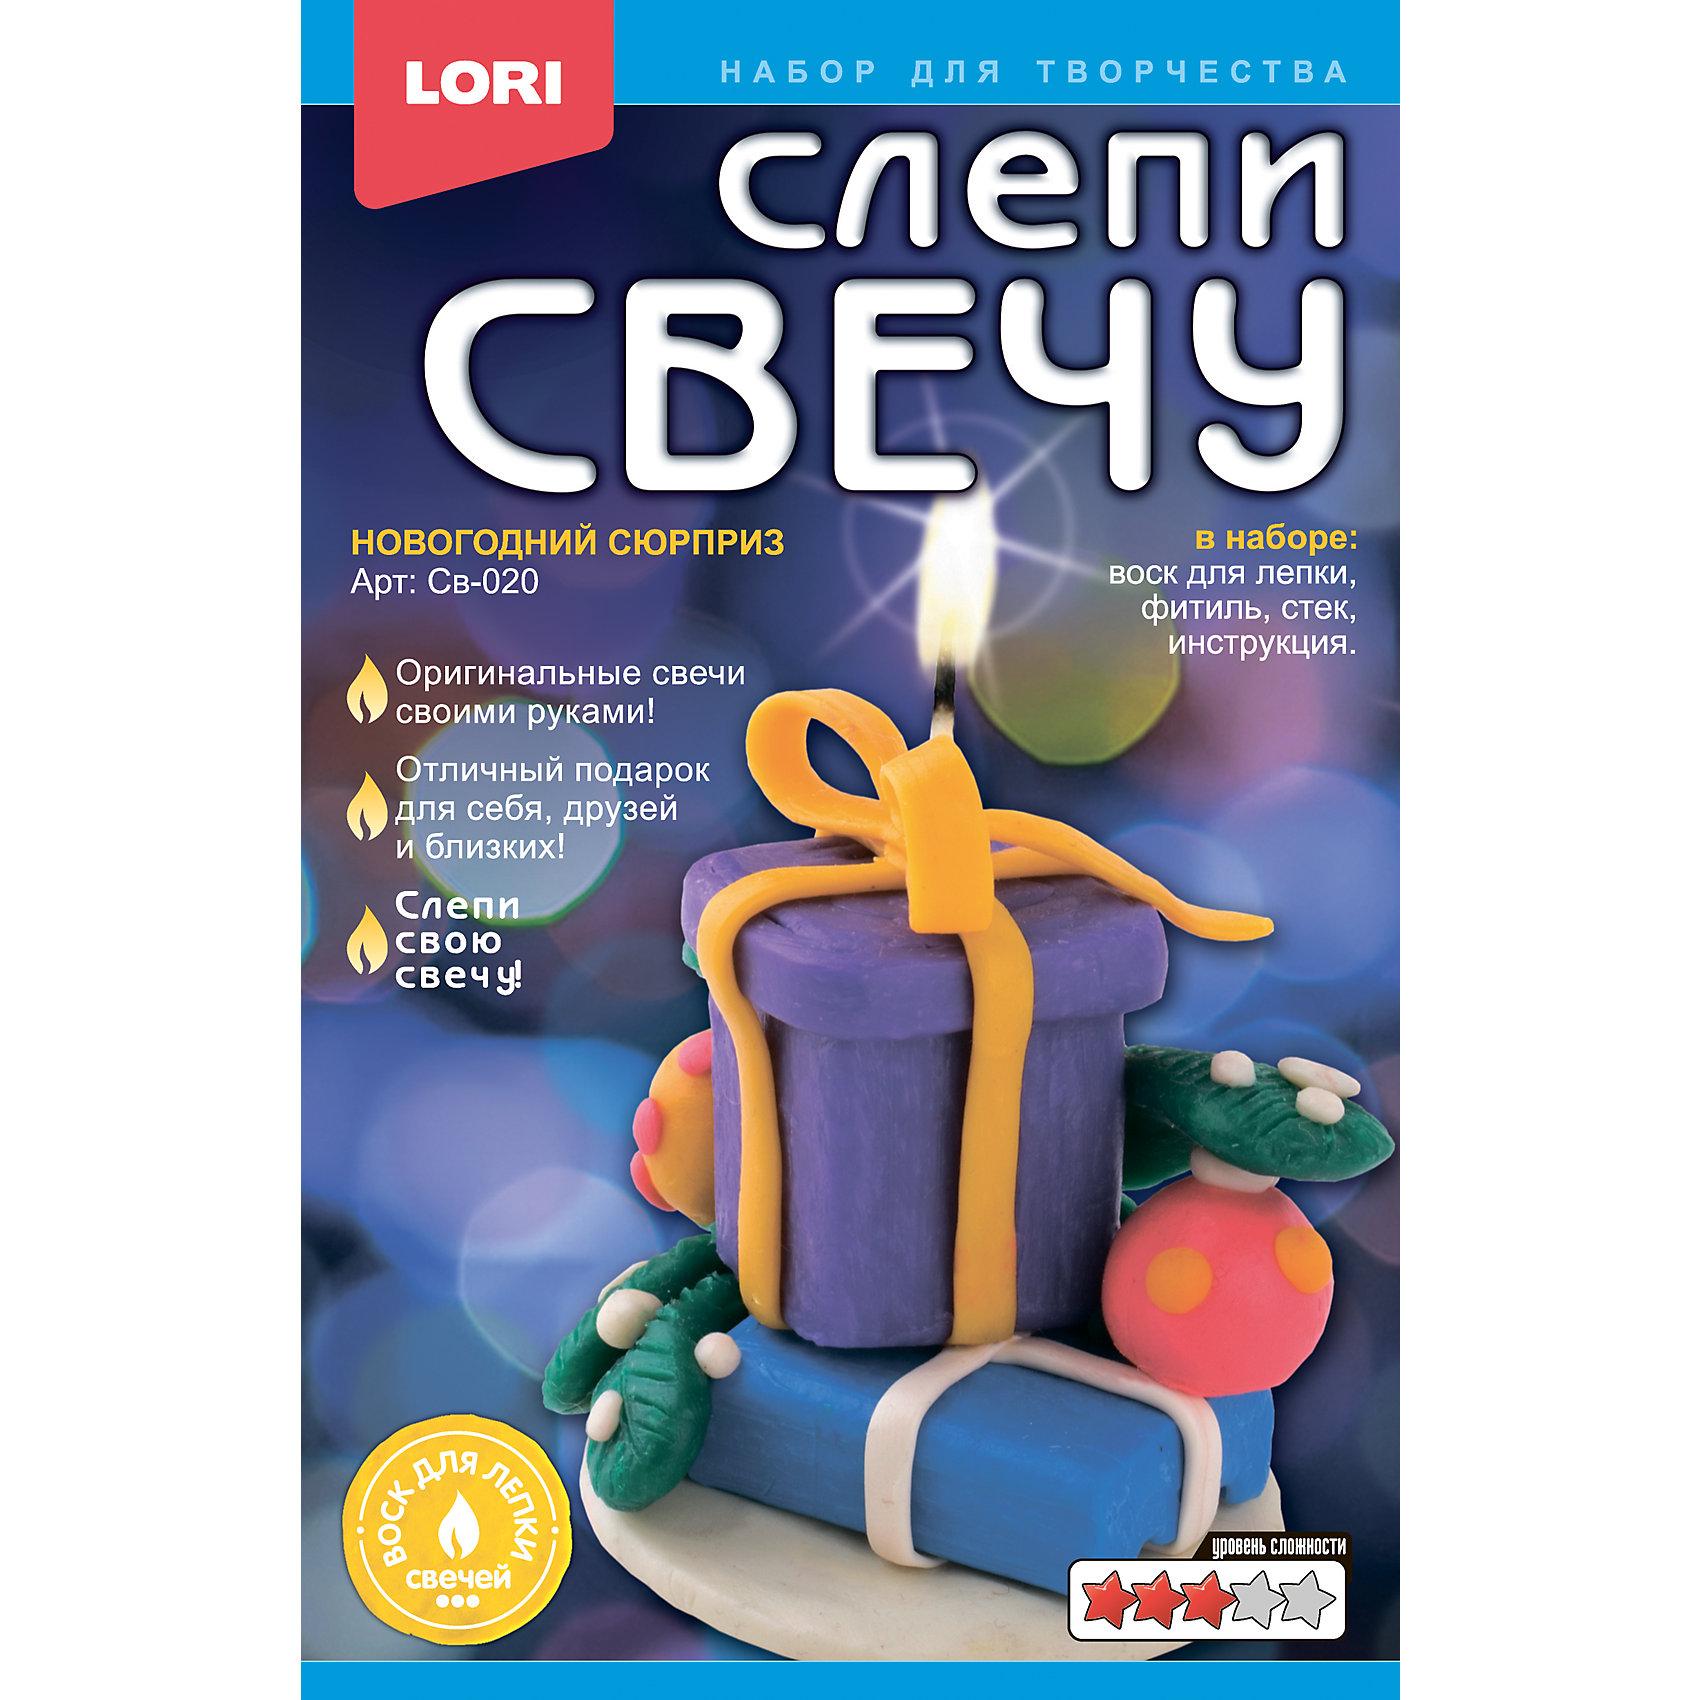 Слепи свечу Новогодний сюрпризНаборы для создания свечей<br>Слепи свечу Новогодний сюрприз, LORI (Лори)<br><br>Характеристики: <br><br>• оригинальная свеча своими руками<br>• отлично подойдет в качестве подарка<br>• в комплекте: воск, фитиль, стек, инструкция<br>• 20,8х13,5х3,5 см<br>• вес: 191 грамм<br><br>Свечи - одно из главных украшений праздничного вечера. С помощью набора от Lori можно создать оригинальную свечу своими руками. В комплекте есть воск, фитиль, а также инструкция, подробно описывающая каждый шаг. Красивая свеча станет прекрасным подарком для близких или украшением праздника!<br><br>Слепи свечу Новогодний сюрприз, LORI (Лори) можно купить в нашем интернет-магазине.<br><br>Ширина мм: 35<br>Глубина мм: 135<br>Высота мм: 208<br>Вес г: 2556<br>Возраст от месяцев: 108<br>Возраст до месяцев: 180<br>Пол: Унисекс<br>Возраст: Детский<br>SKU: 5032321